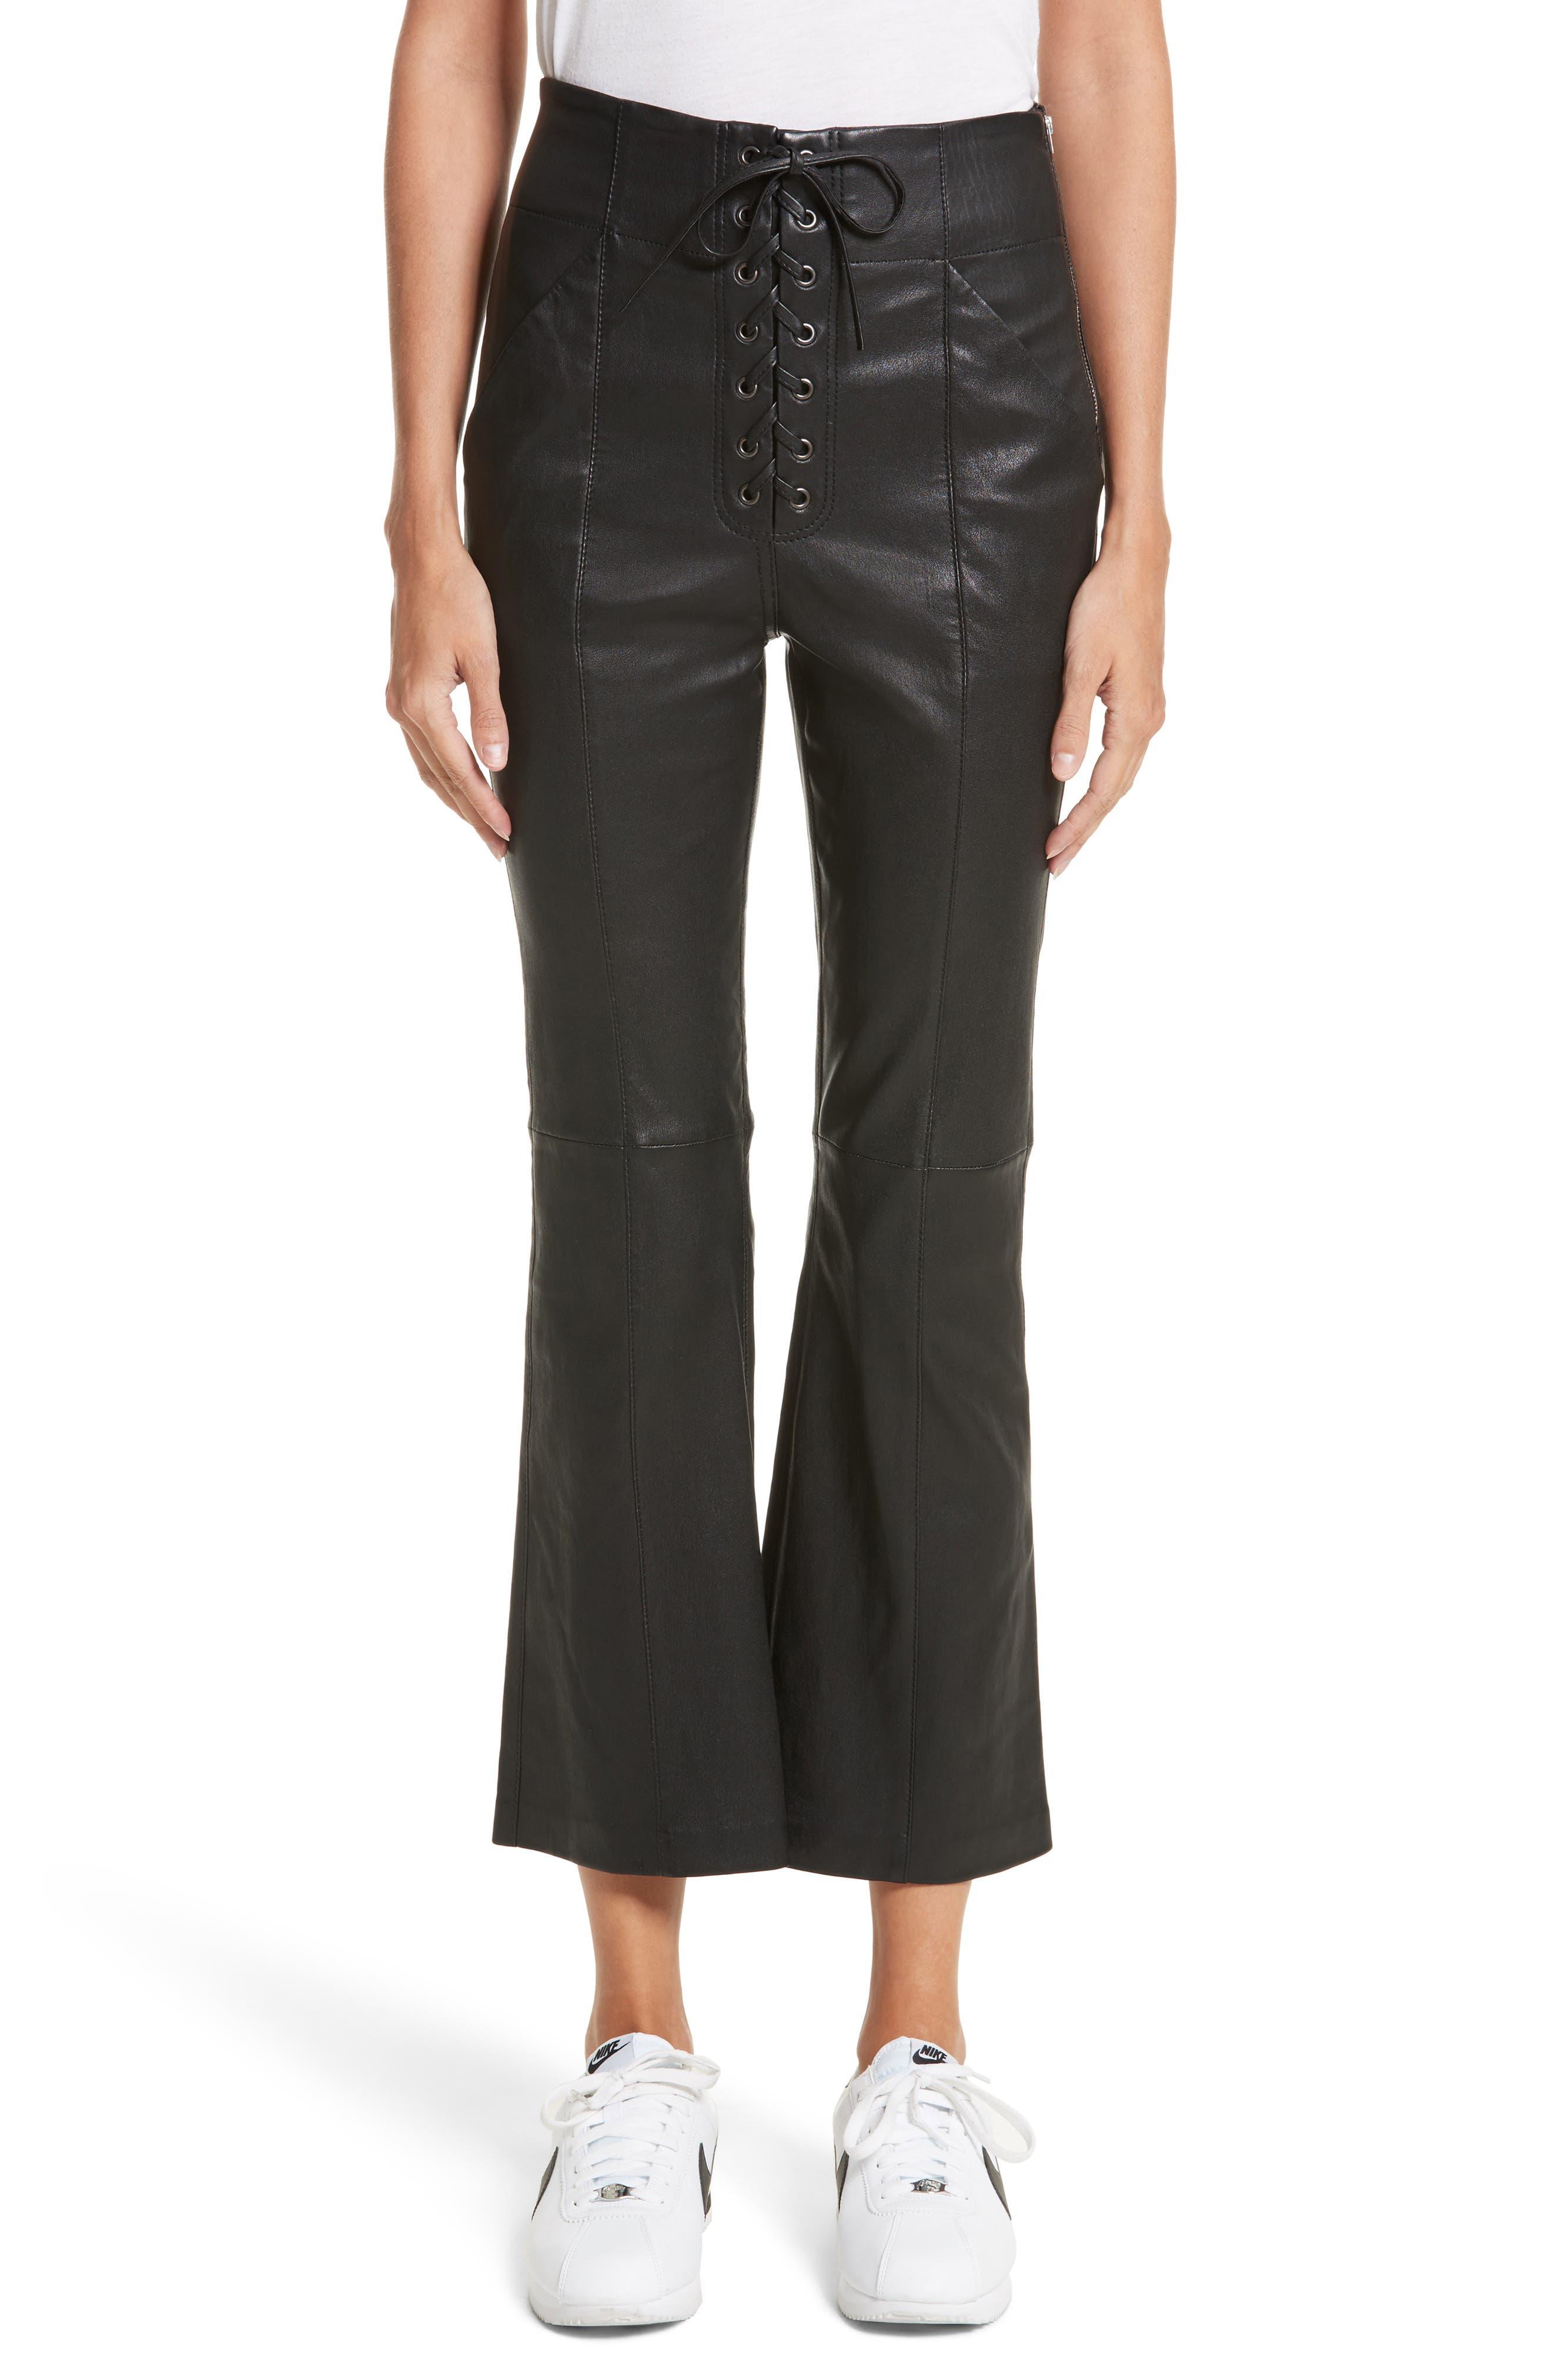 Main Image - A.L.C. Delia Lace Up Leather Pants